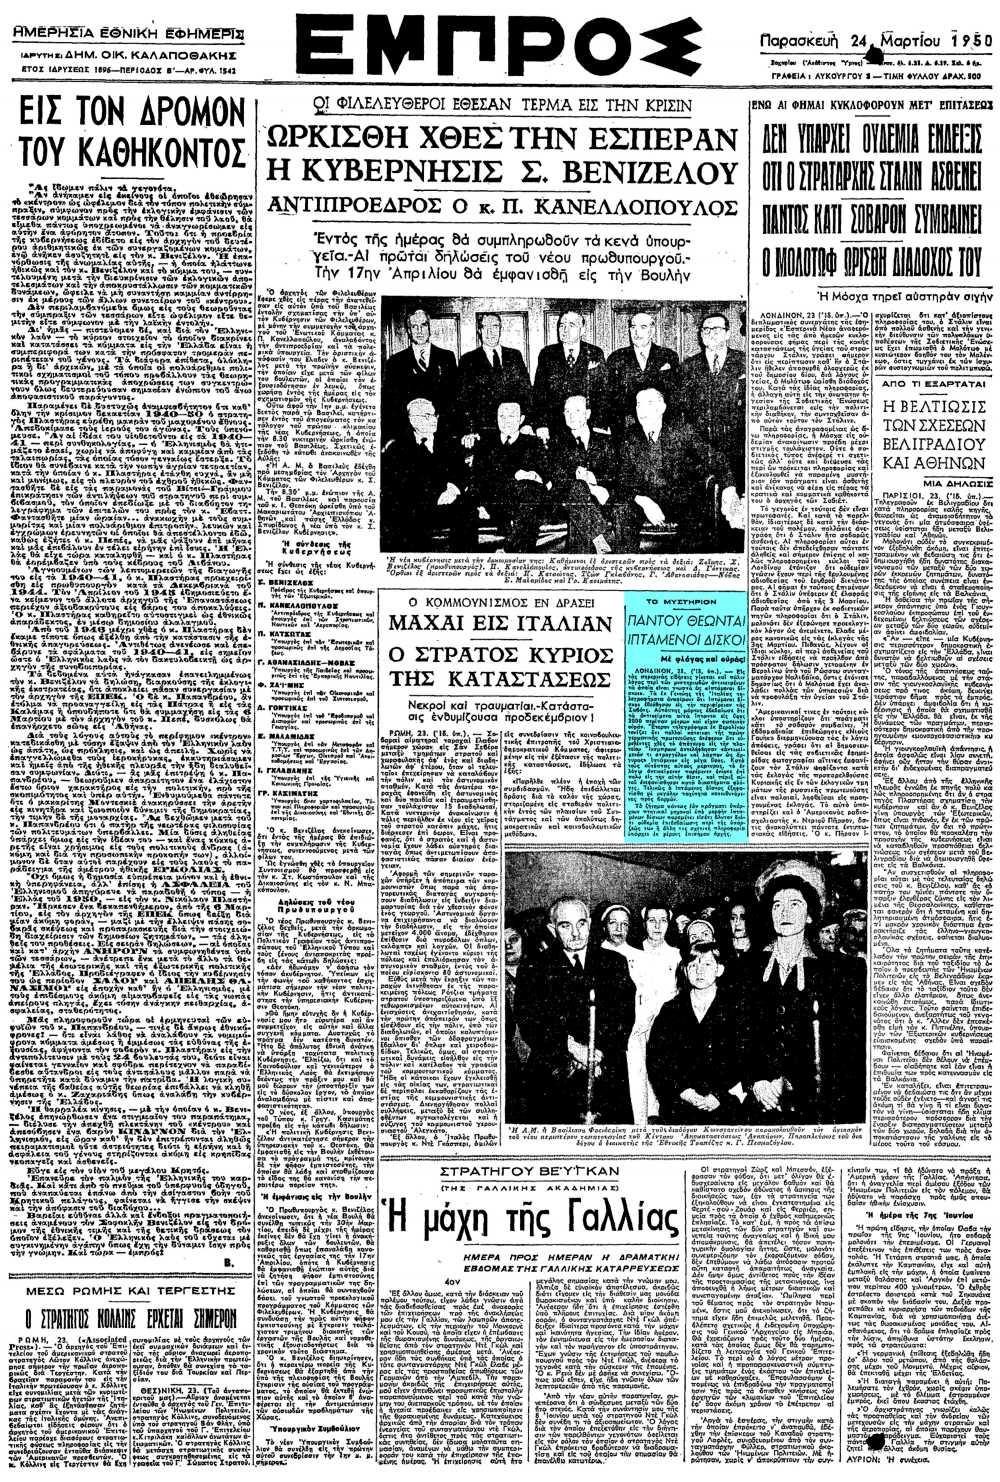 """Το άρθρο, όπως δημοσιεύθηκε στην εφημερίδα """"ΕΜΠΡΟΣ"""", στις 24/03/1950"""